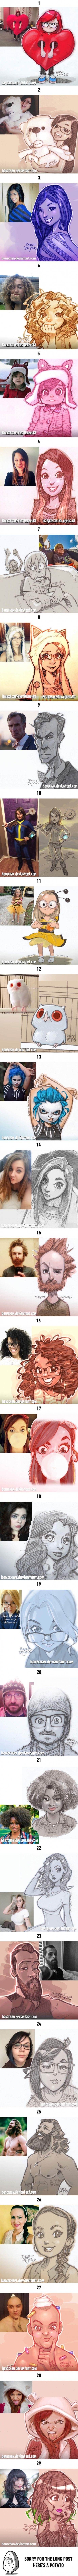 Artist Robert DeJesus Turns Strangers Into Anime Characters